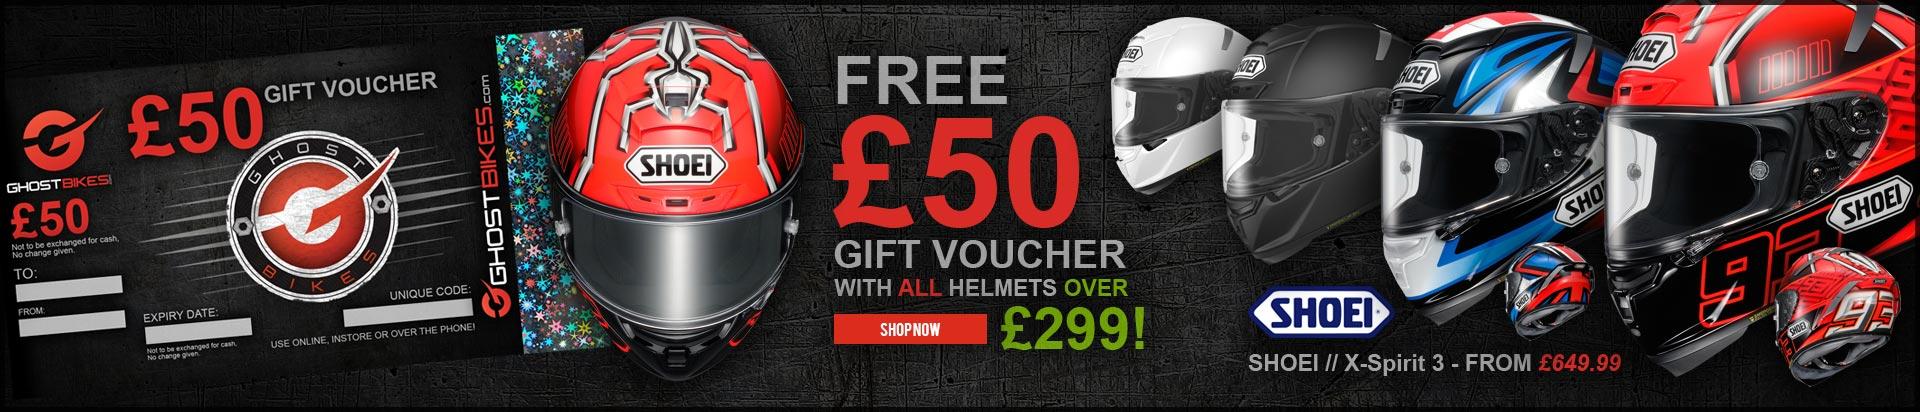 Free £50 Voucher